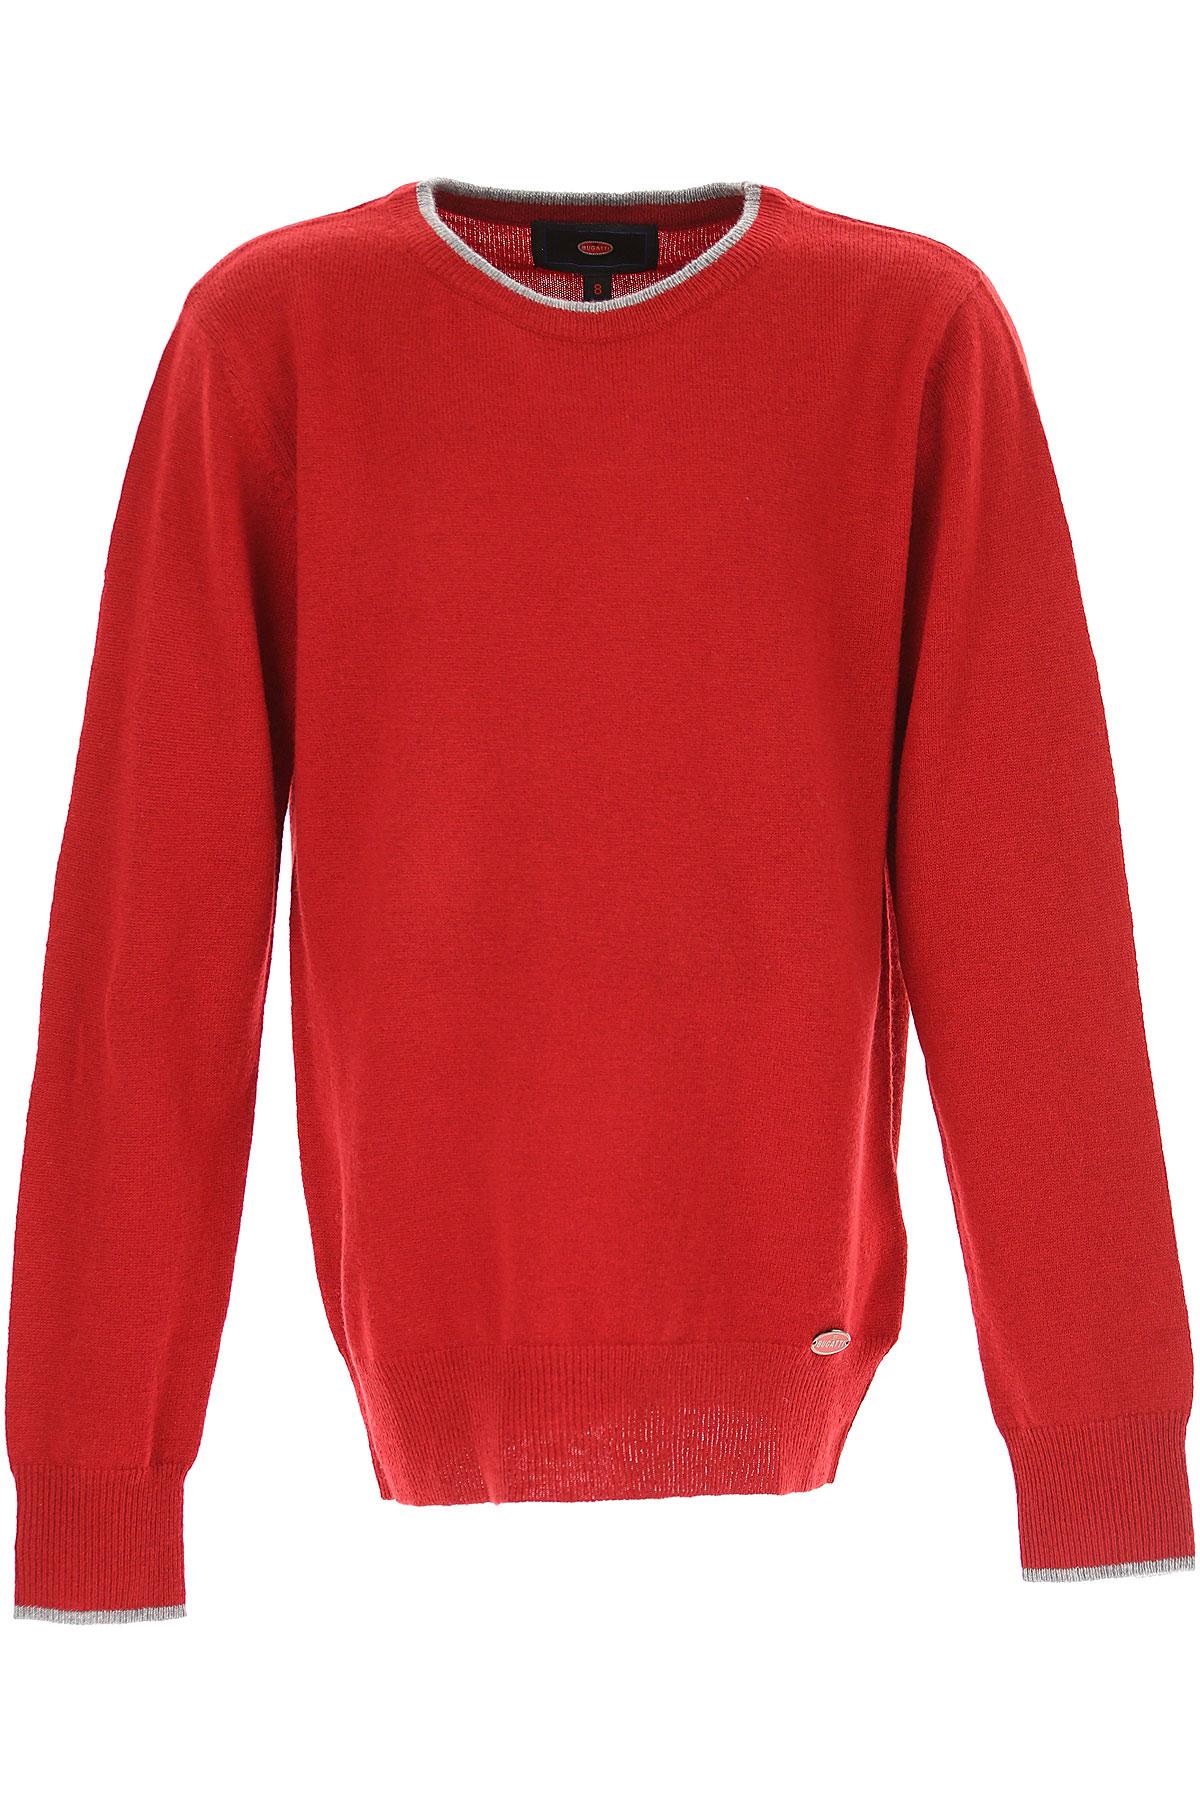 Image of Bugatti Kids Sweaters for Boys, Red, Wool, 2017, 10Y 14Y 16Y 8Y